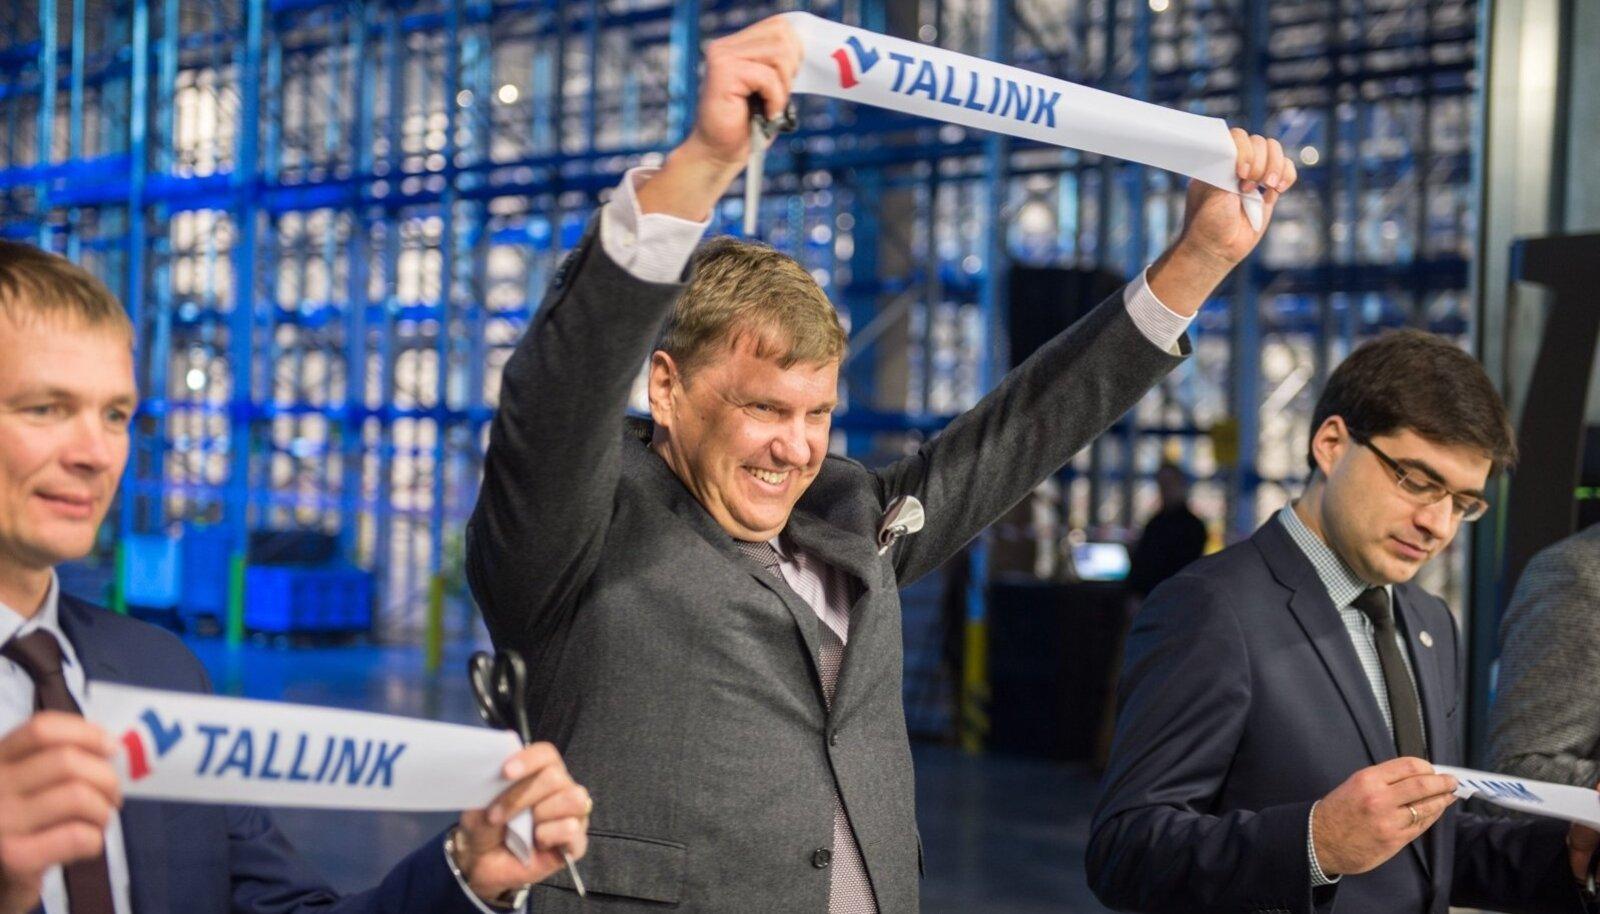 Tallinki Logistikakeskuse avamine